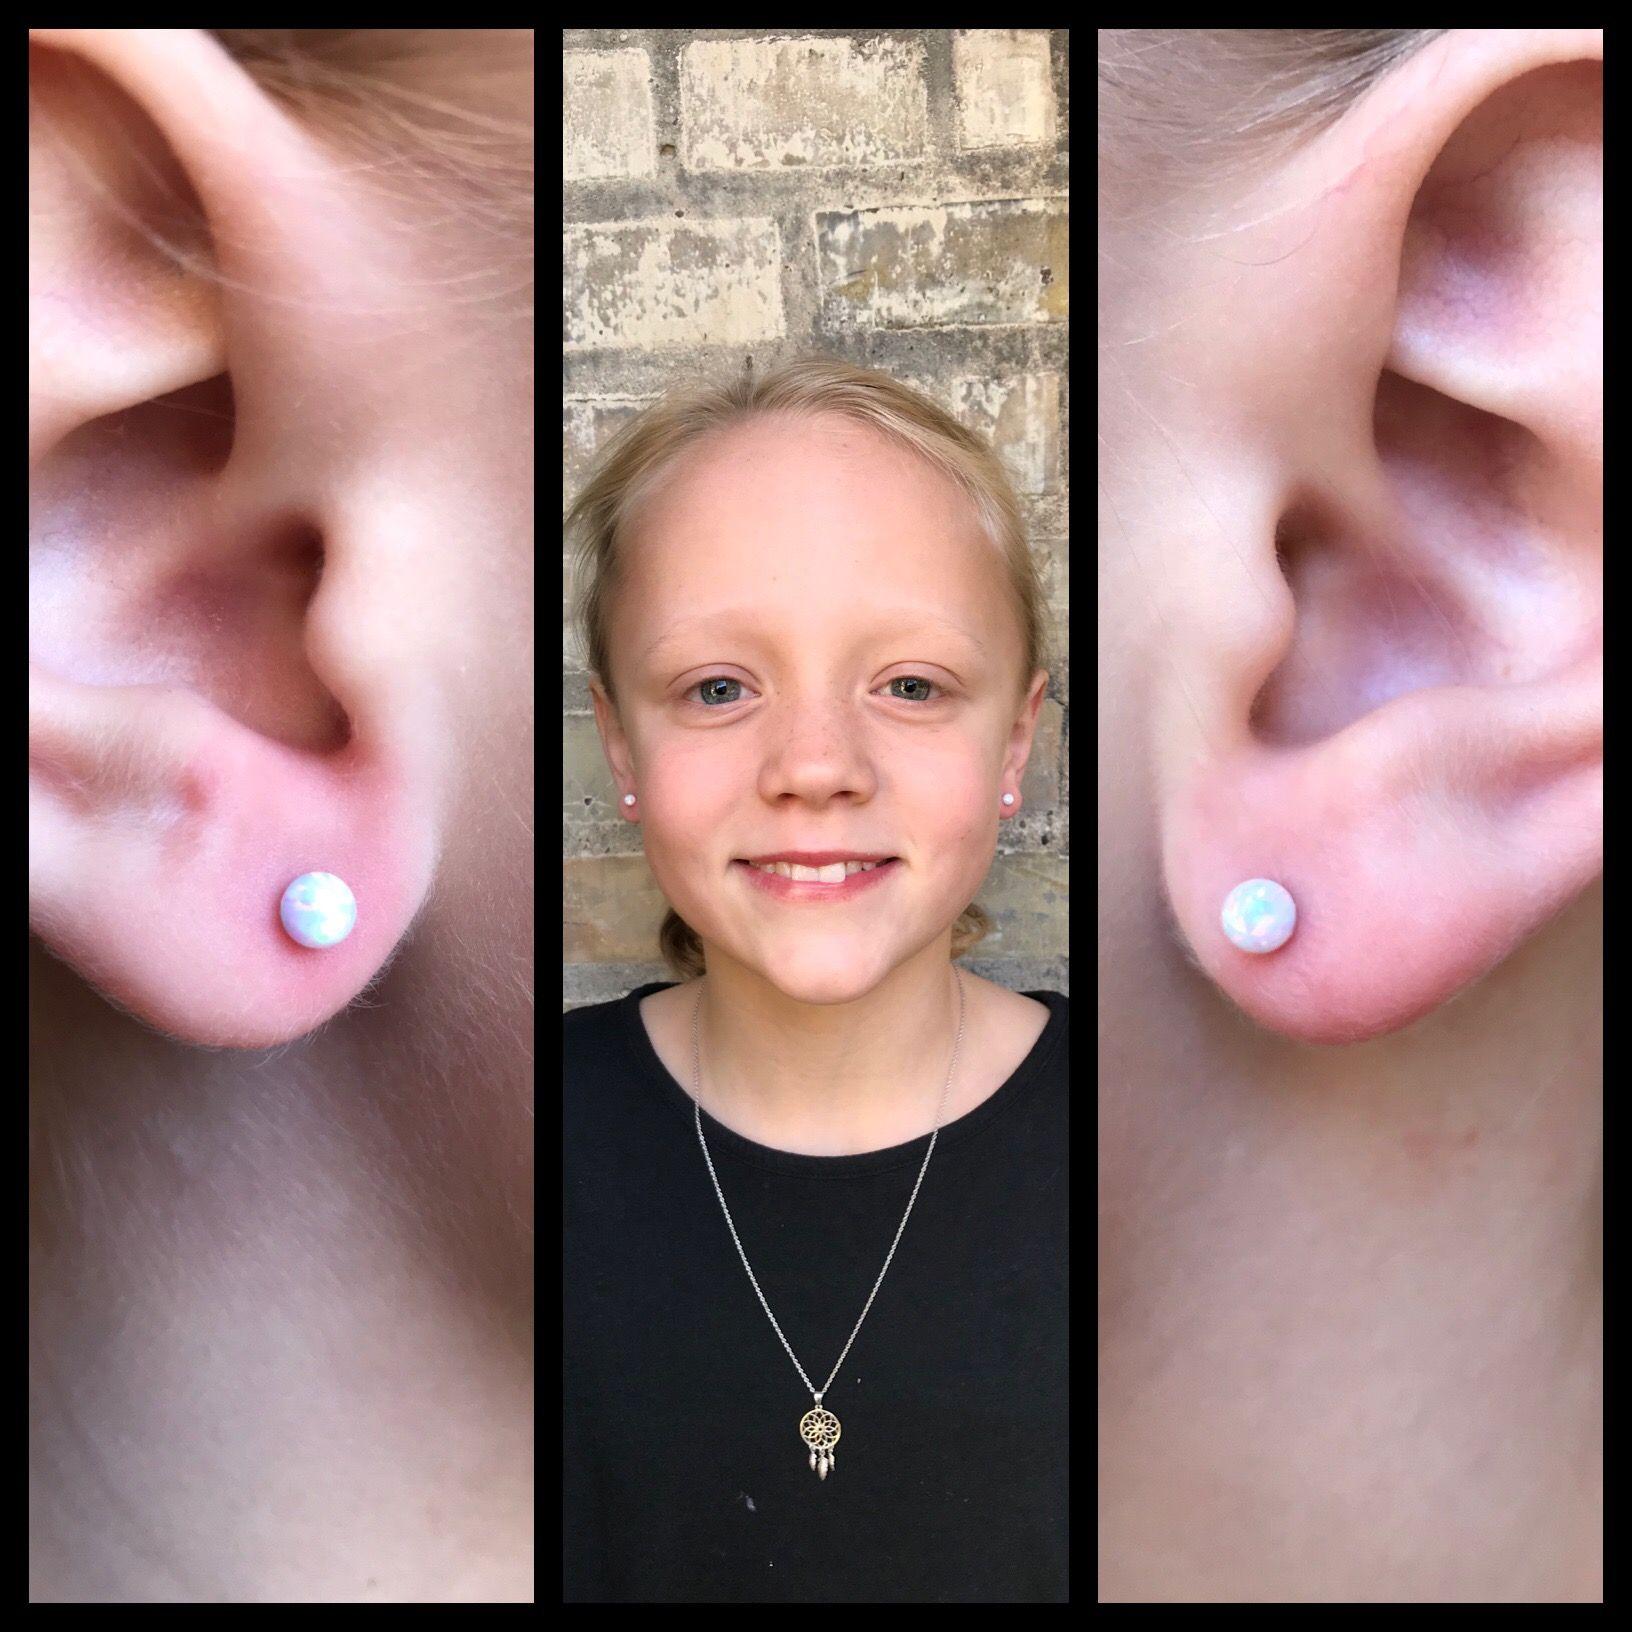 Pin on Piercings By Me ️